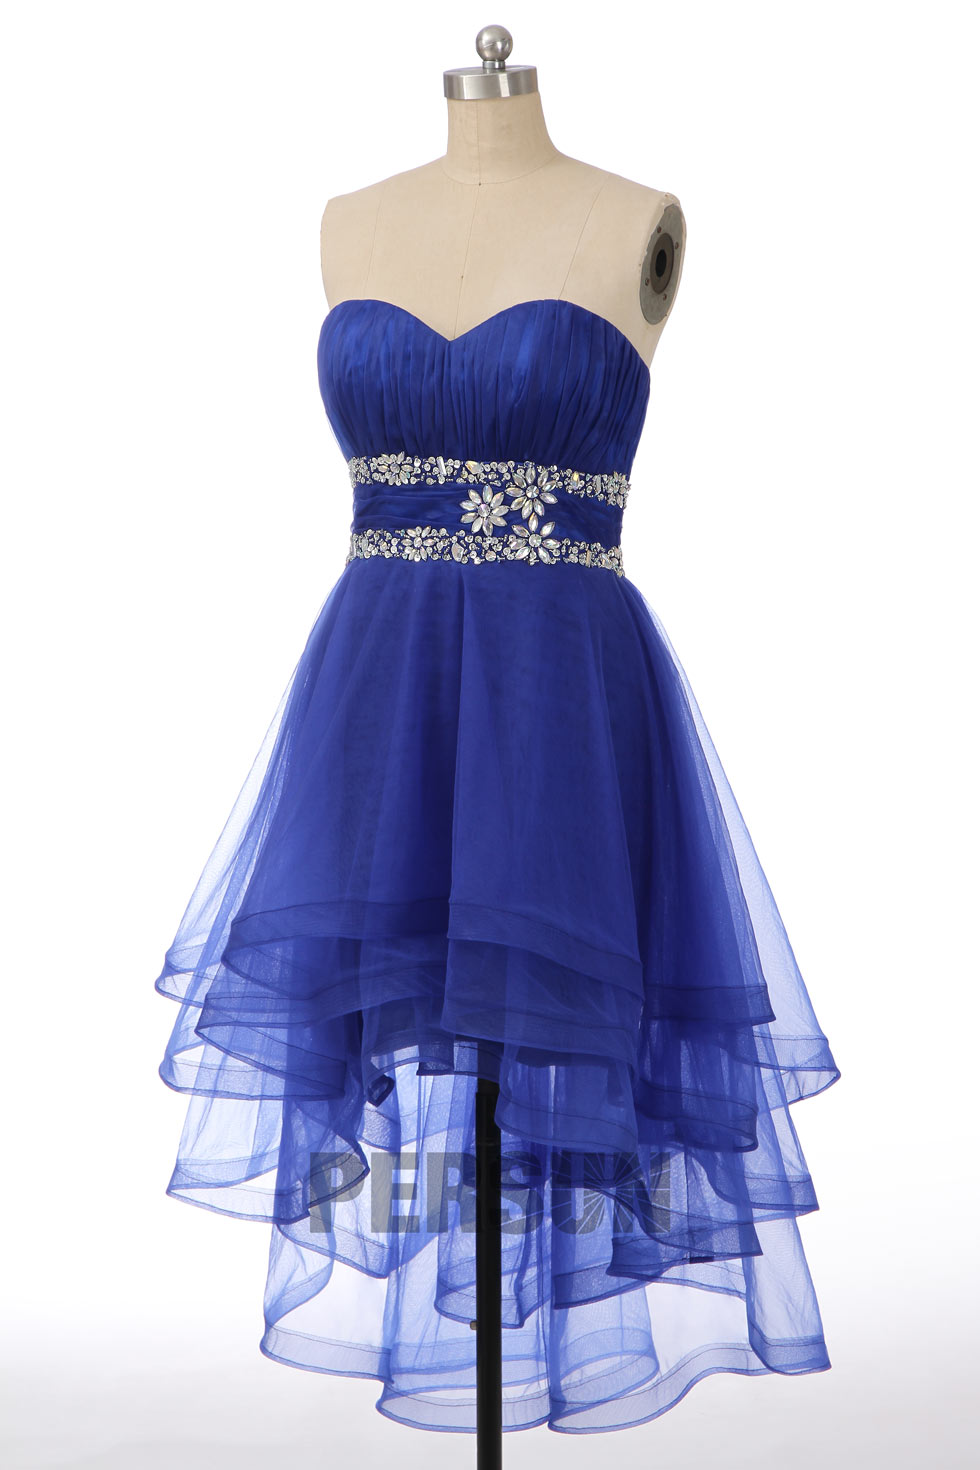 robe de bal bleu roi courte devant longue derrière bustier coeur taille ornée de strass